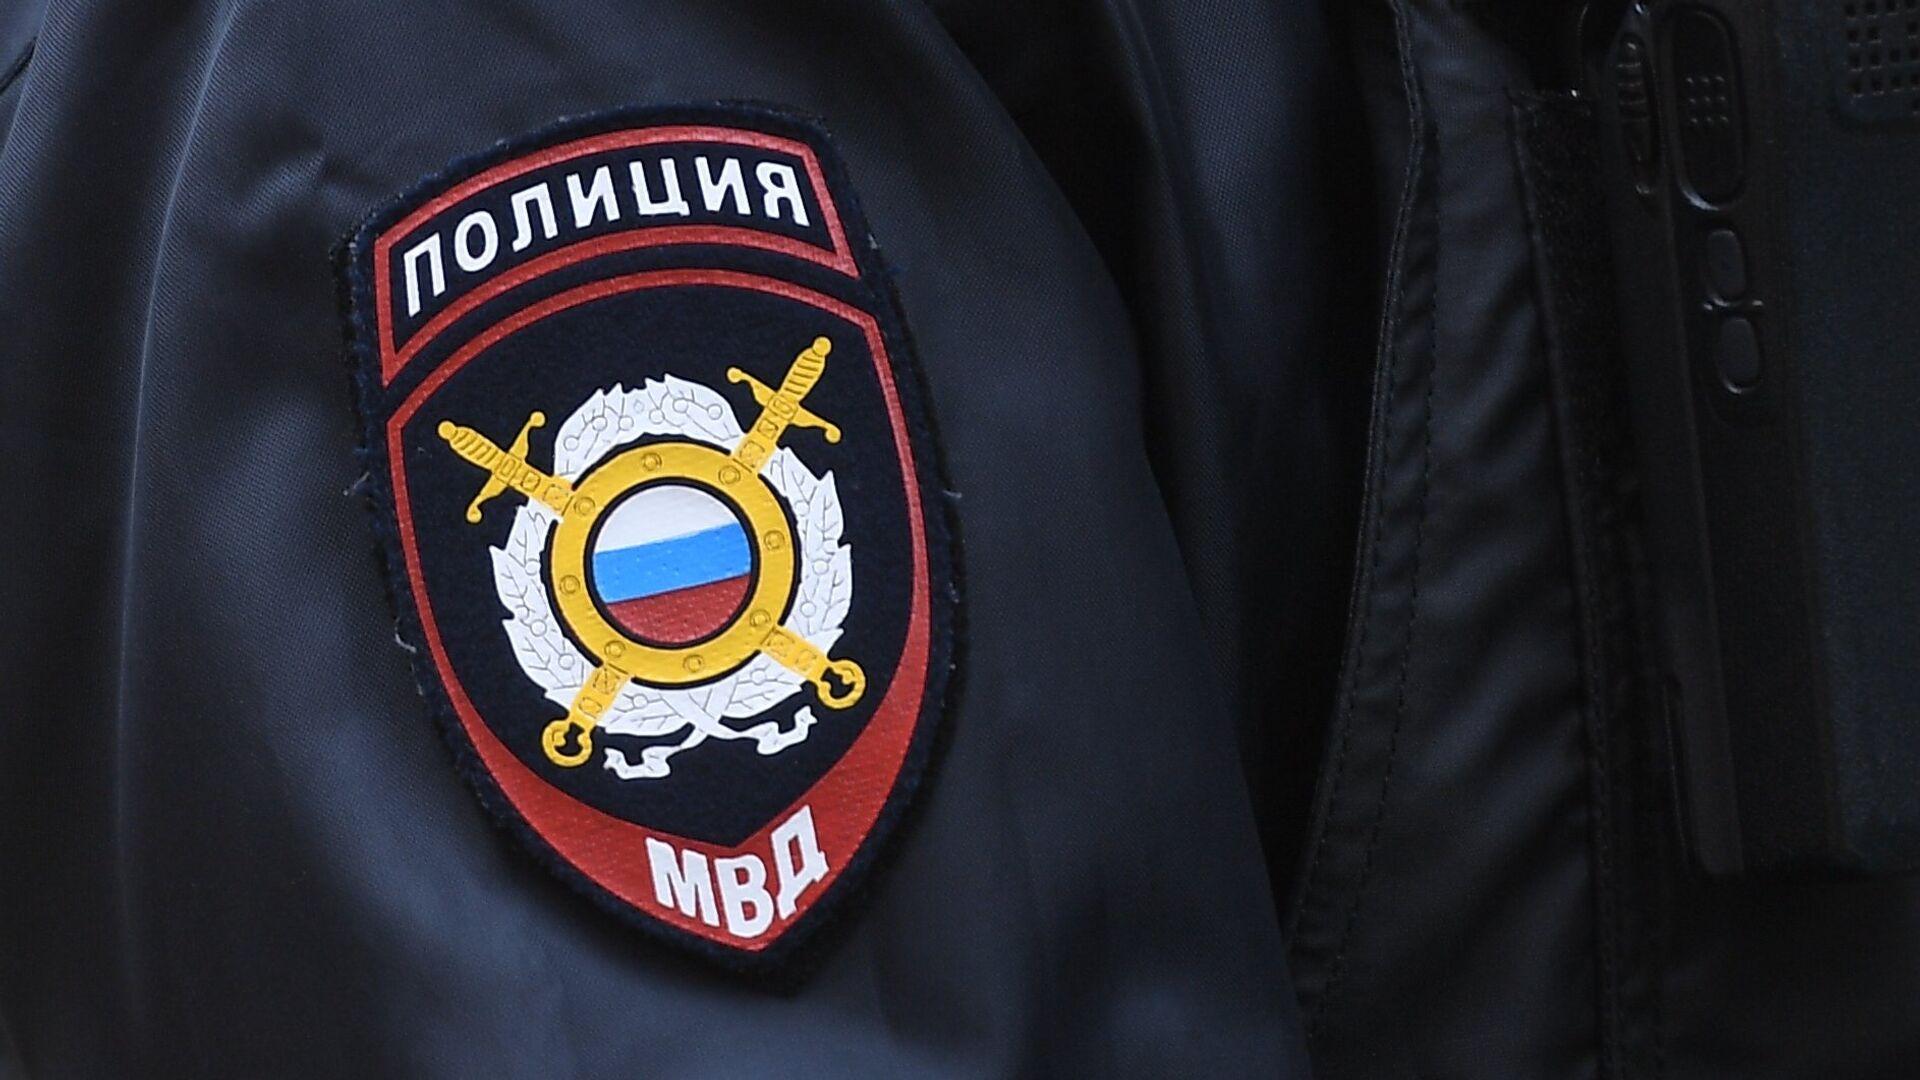 Нашивка на рукаве сотрудника полиции - РИА Новости, 1920, 27.09.2021